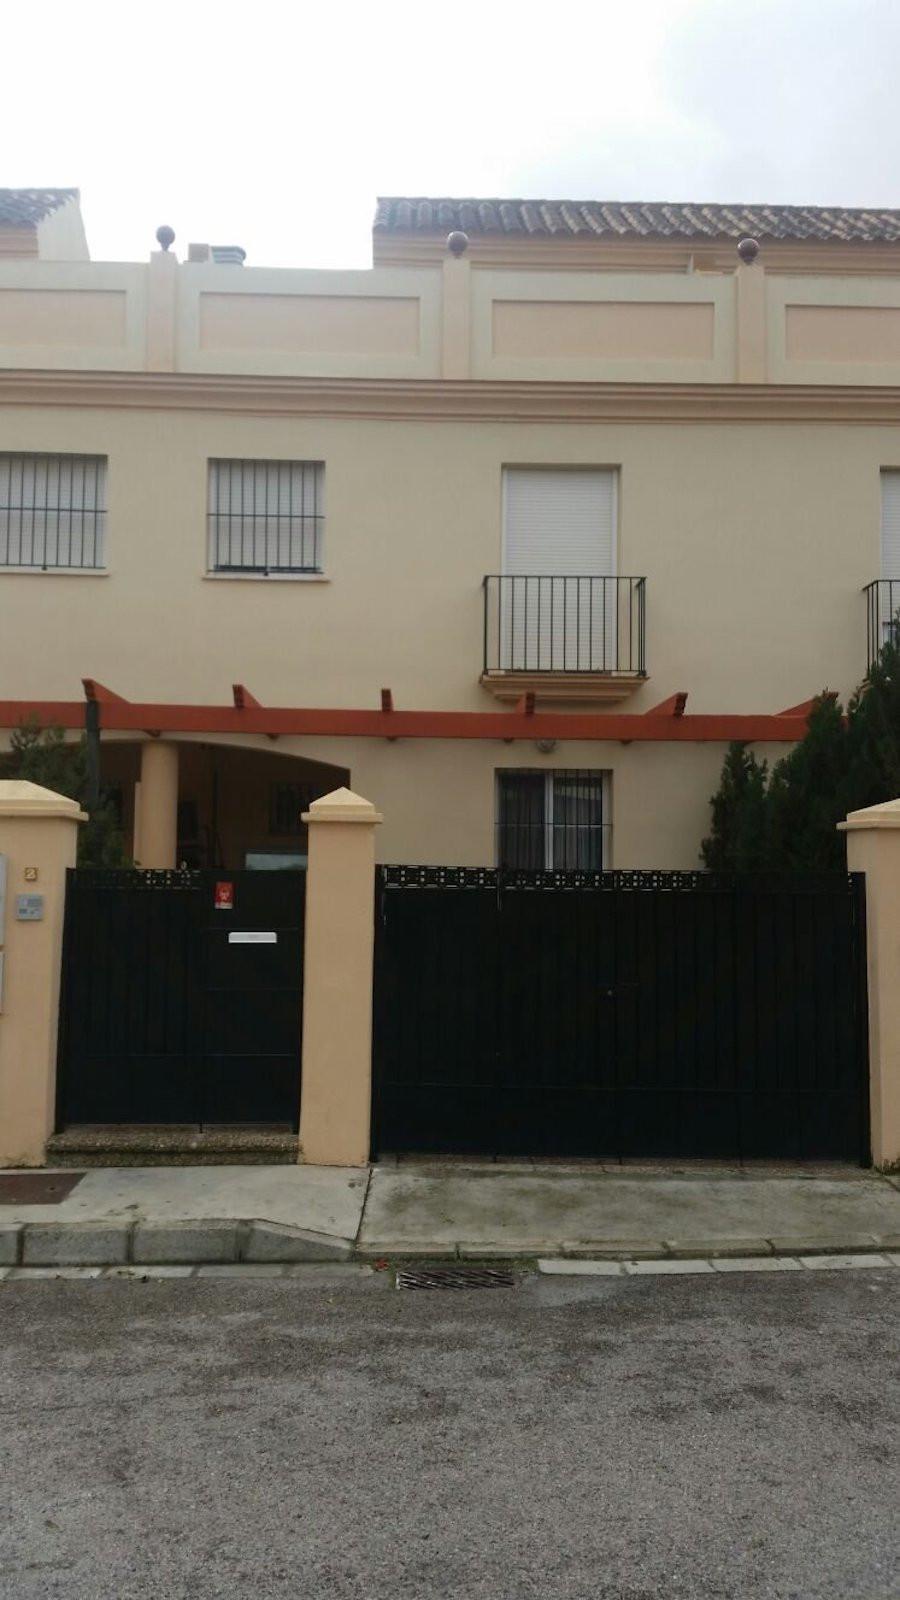 Maison Jumelée, Mitoyenne  en vente    à Manilva